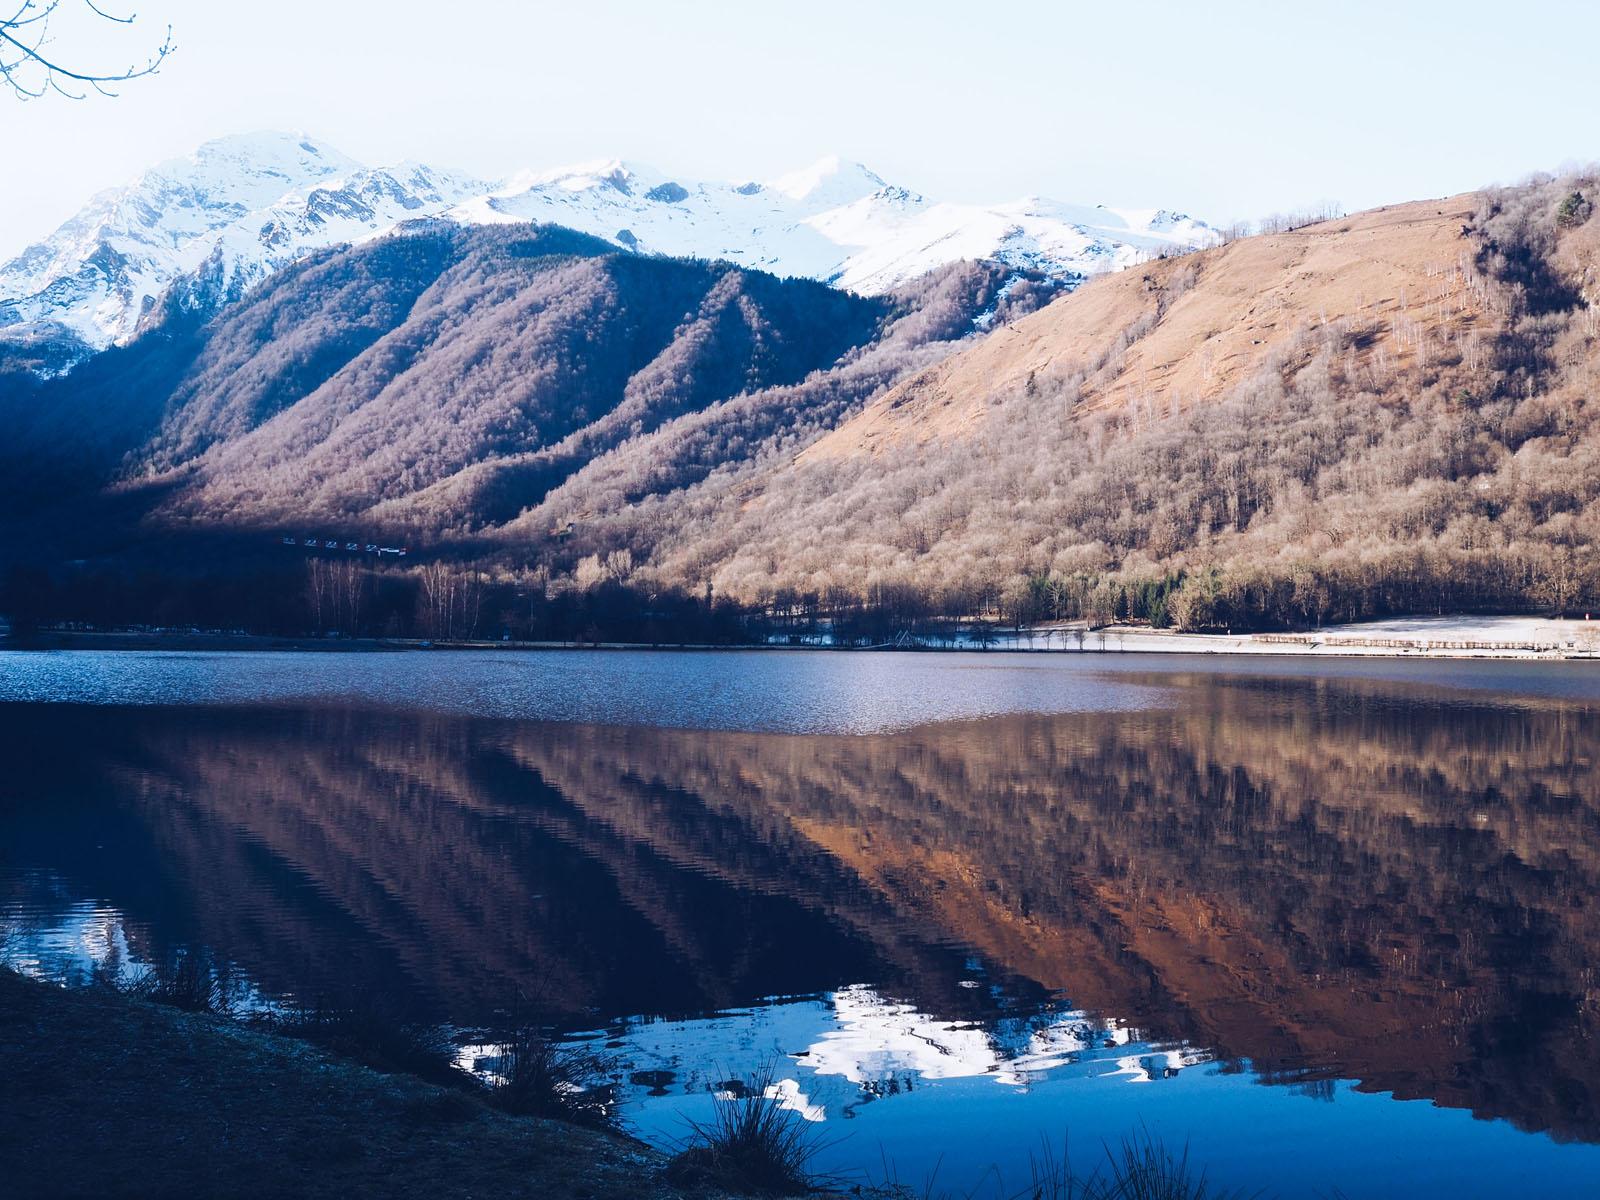 Vacances au ski en famille Hautes Pyrenees bonnes adresses hotel station l La Fiancee du Panda blog mariage et lifestyle-1058522